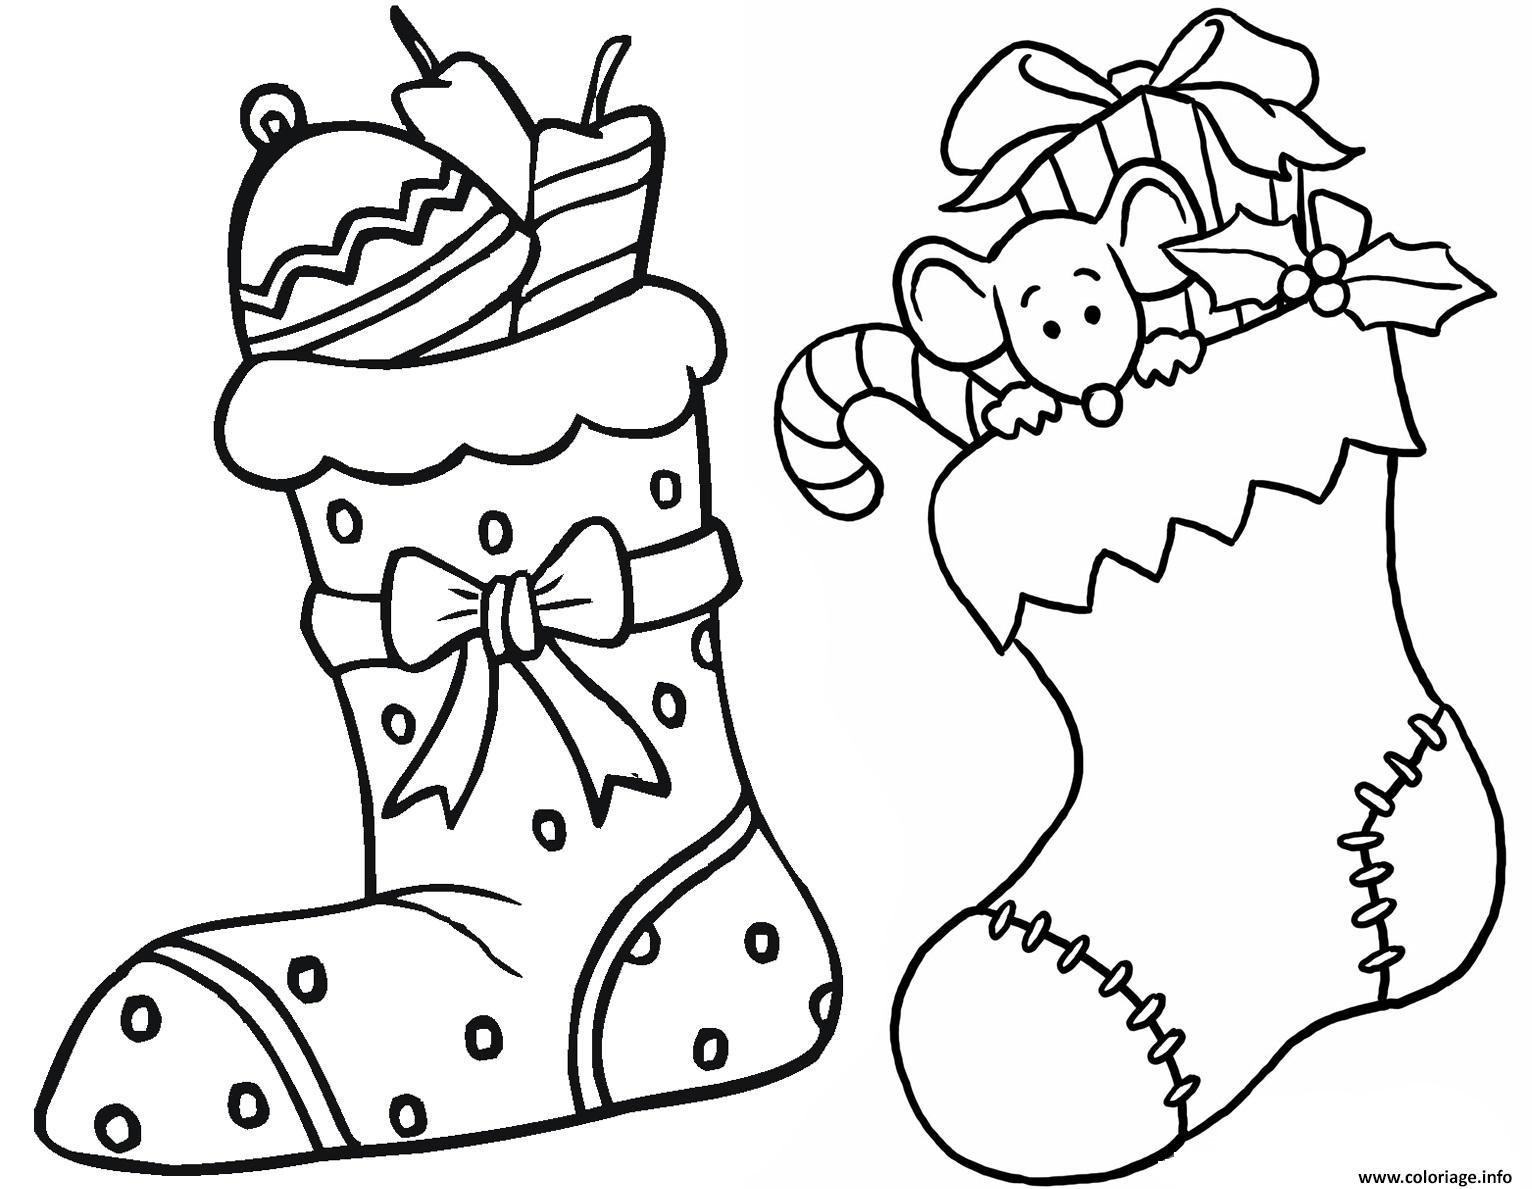 Coloriage hugo lescargot noel bas de noel dessin - Coloriage hugo ...